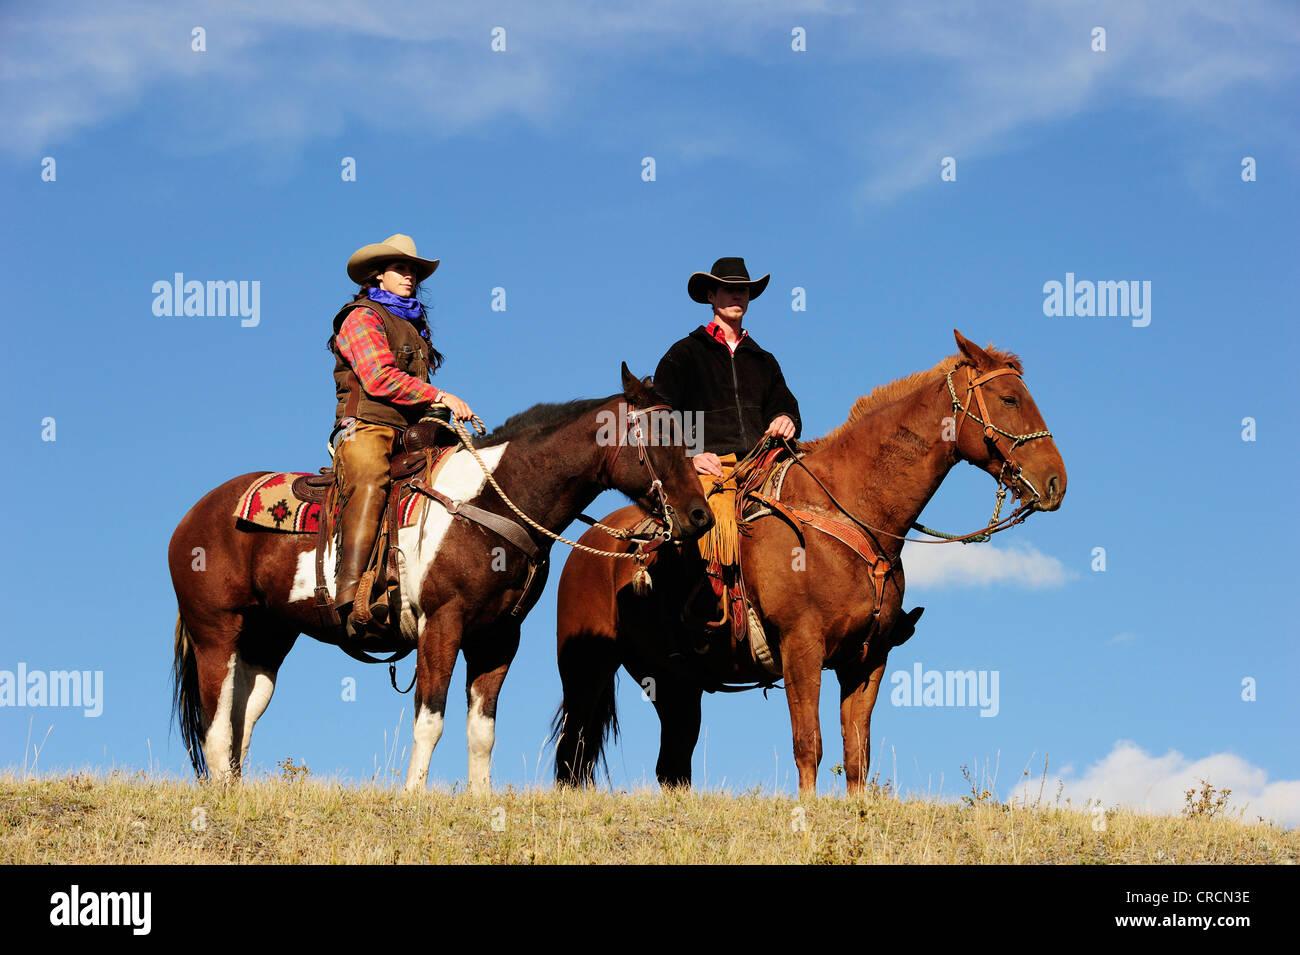 Cowgirls und Cowboys auf Pferden Blick in die Ferne, Saskatchewan, Kanada, Nordamerika Stockfoto